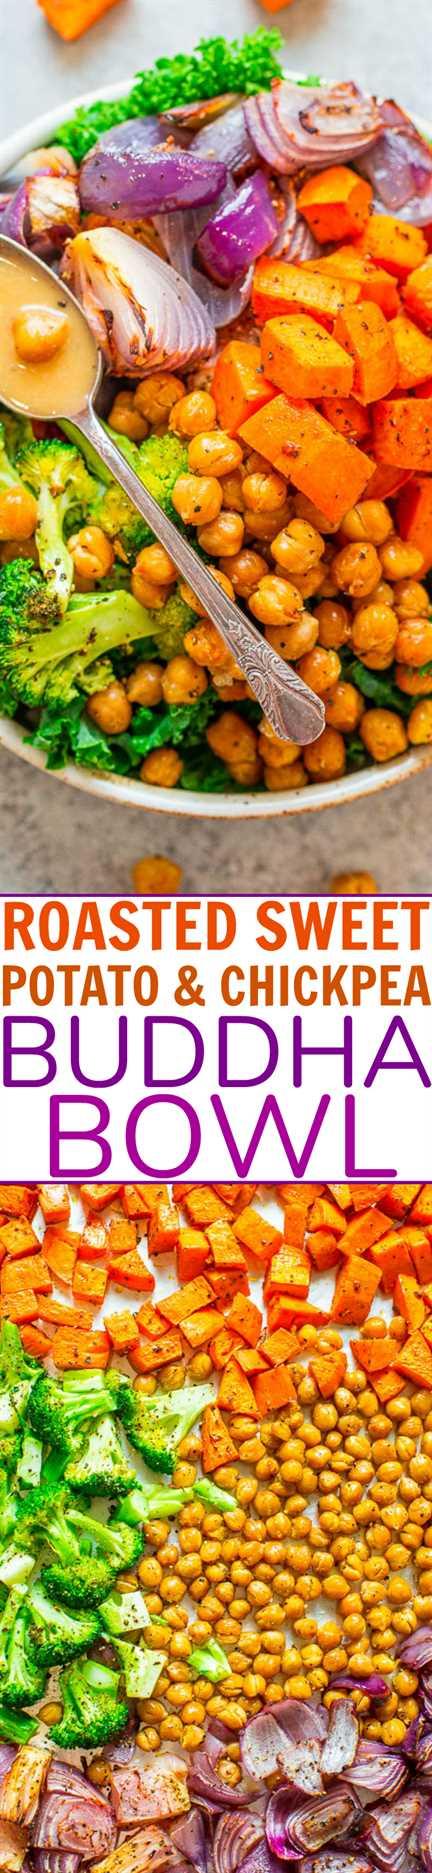 Tazón de Buda asado de camote y garbanzos: ¡un gran recipiente redondo lleno de bondad como Buda! ¡Los cuencos son rápidos, FÁCILES, naturalmente veganos y sin gluten! Si necesita una receta SALUDABLE que sepa a comida casera, ¡esta es!